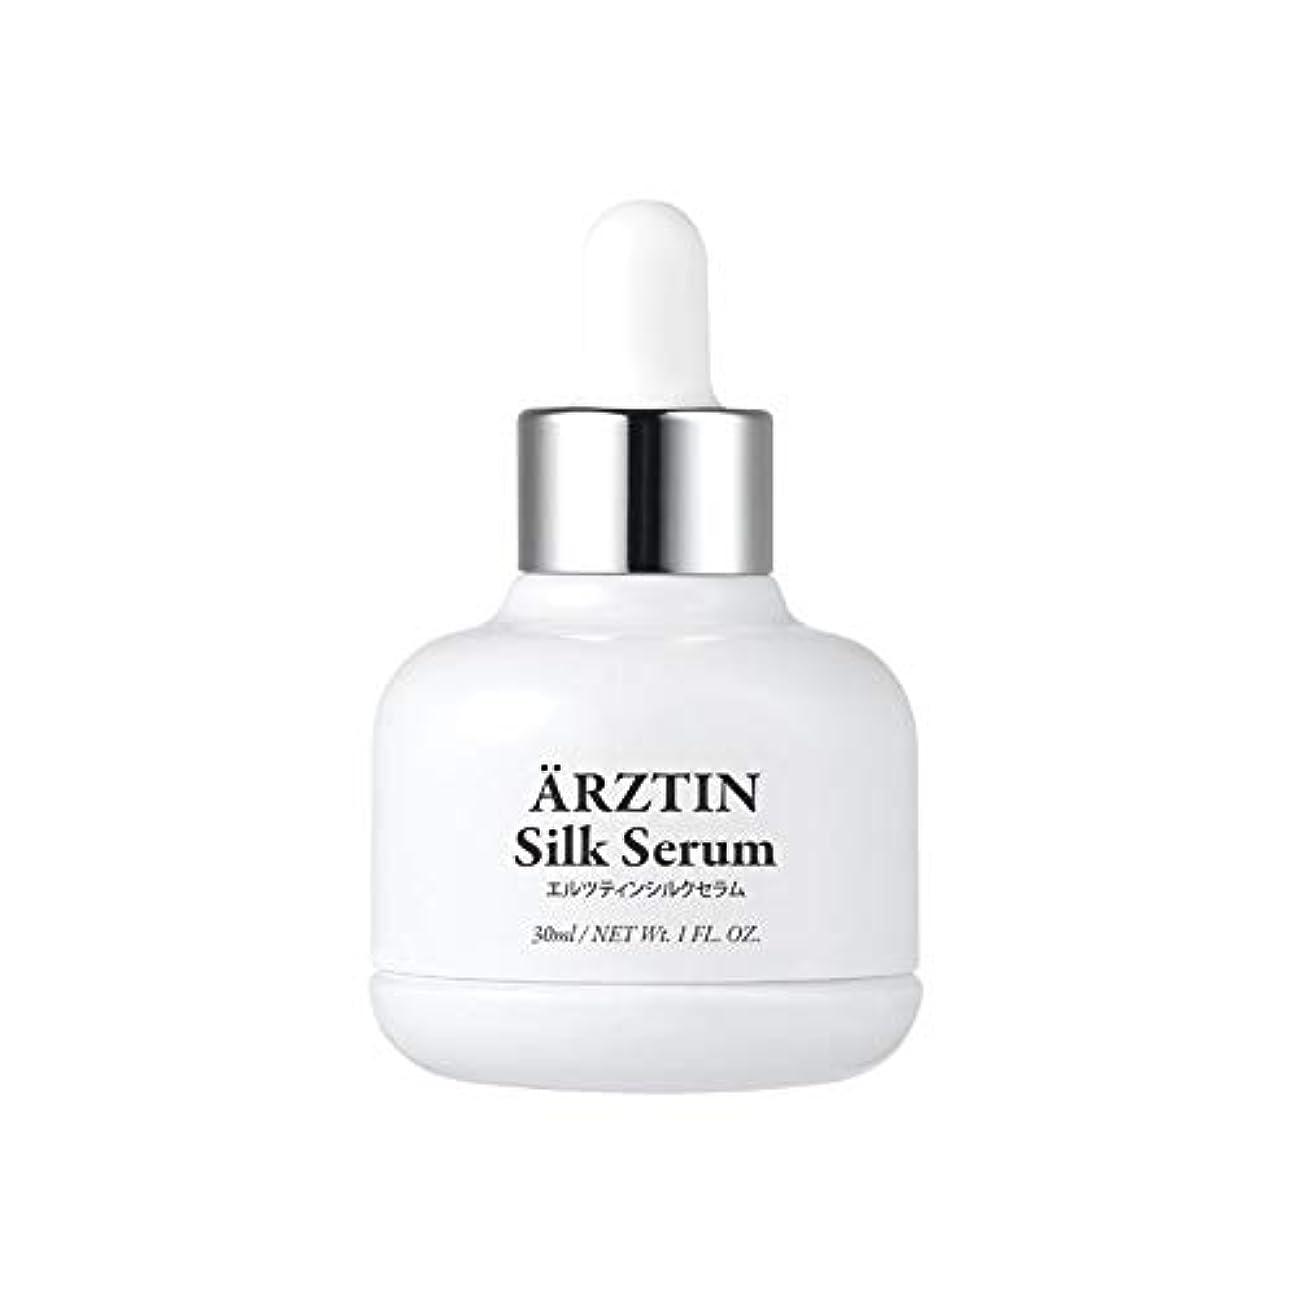 不適切な物理拒否毛穴 引き締まり 小じわ 栄養 潤い 保湿 水分 しっとり肌 エルツティン シルク セラム 30ml アンプル ARZTIN SILK SERUM SHINBEE